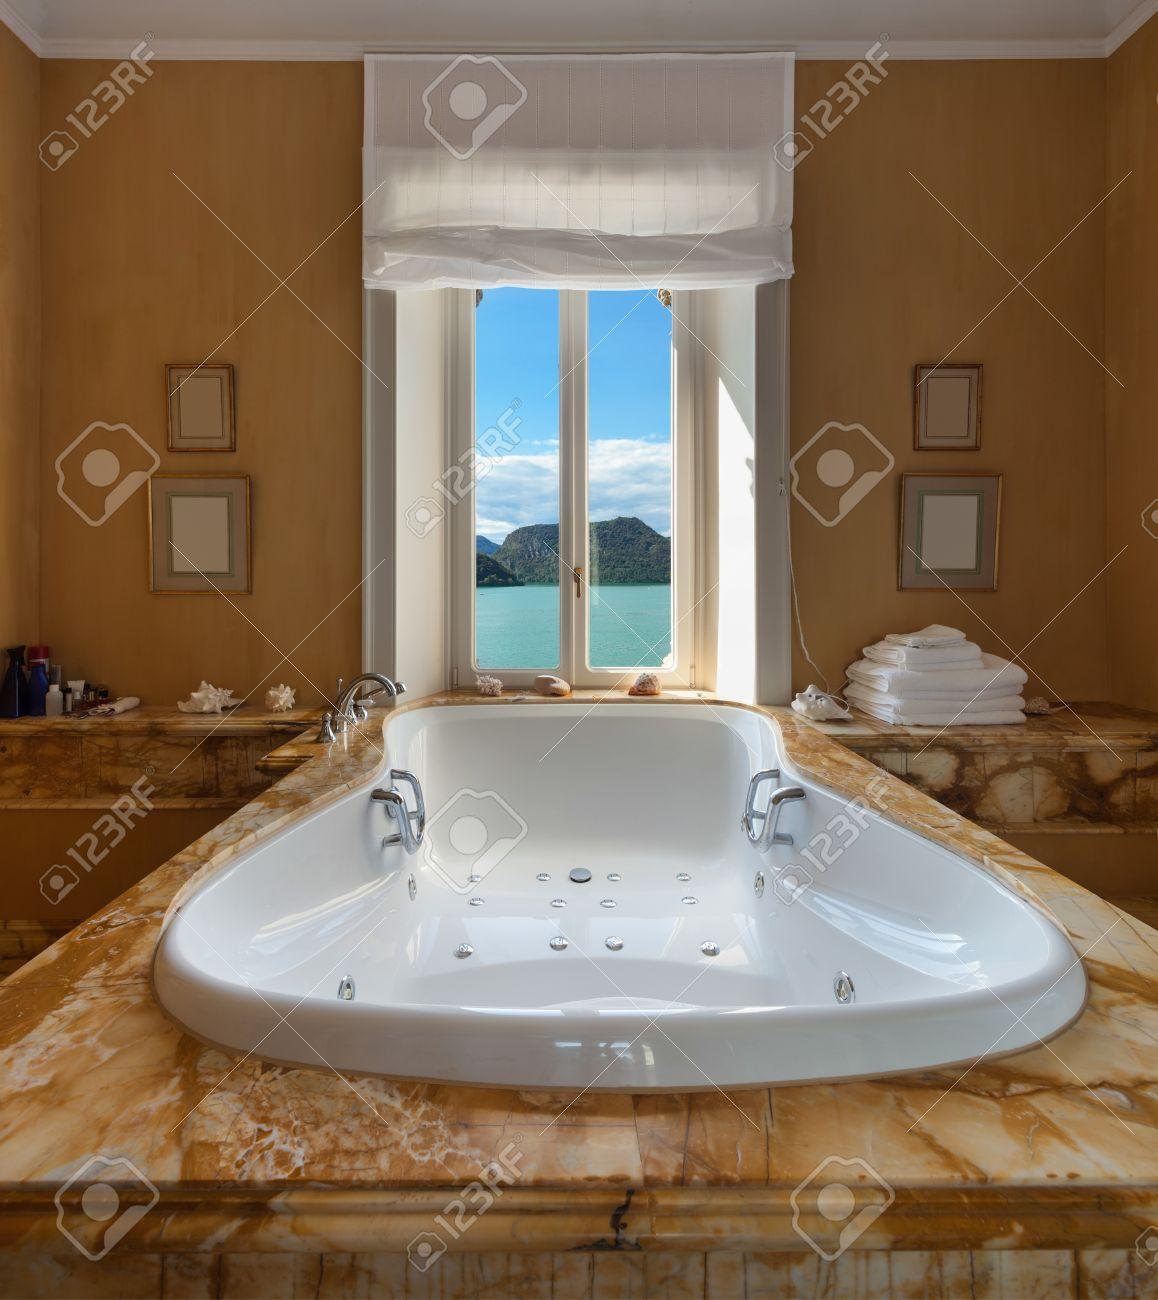 Cuartos De Bano Preciosos.Interior De Una Mansion De Lujo Precioso Cuarto De Bano Con Jacuzzi